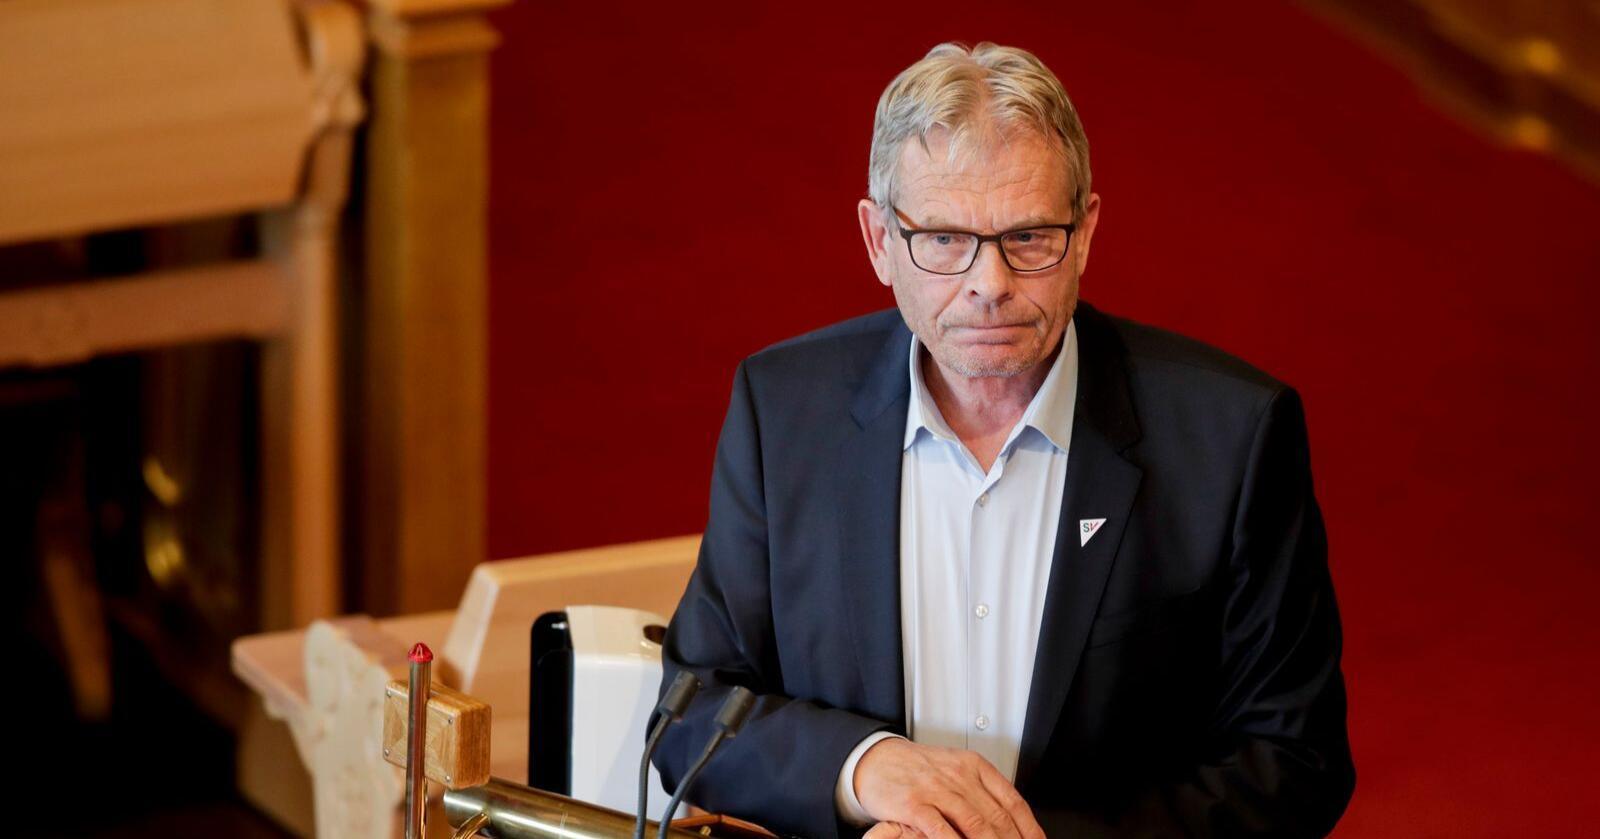 Arne Nævra (SV) krever svar på et skriftlig spørsmål. Her fra en gang han ventet på et muntlig svar i Stortinget. Foto: Vidar Ruud / NTB